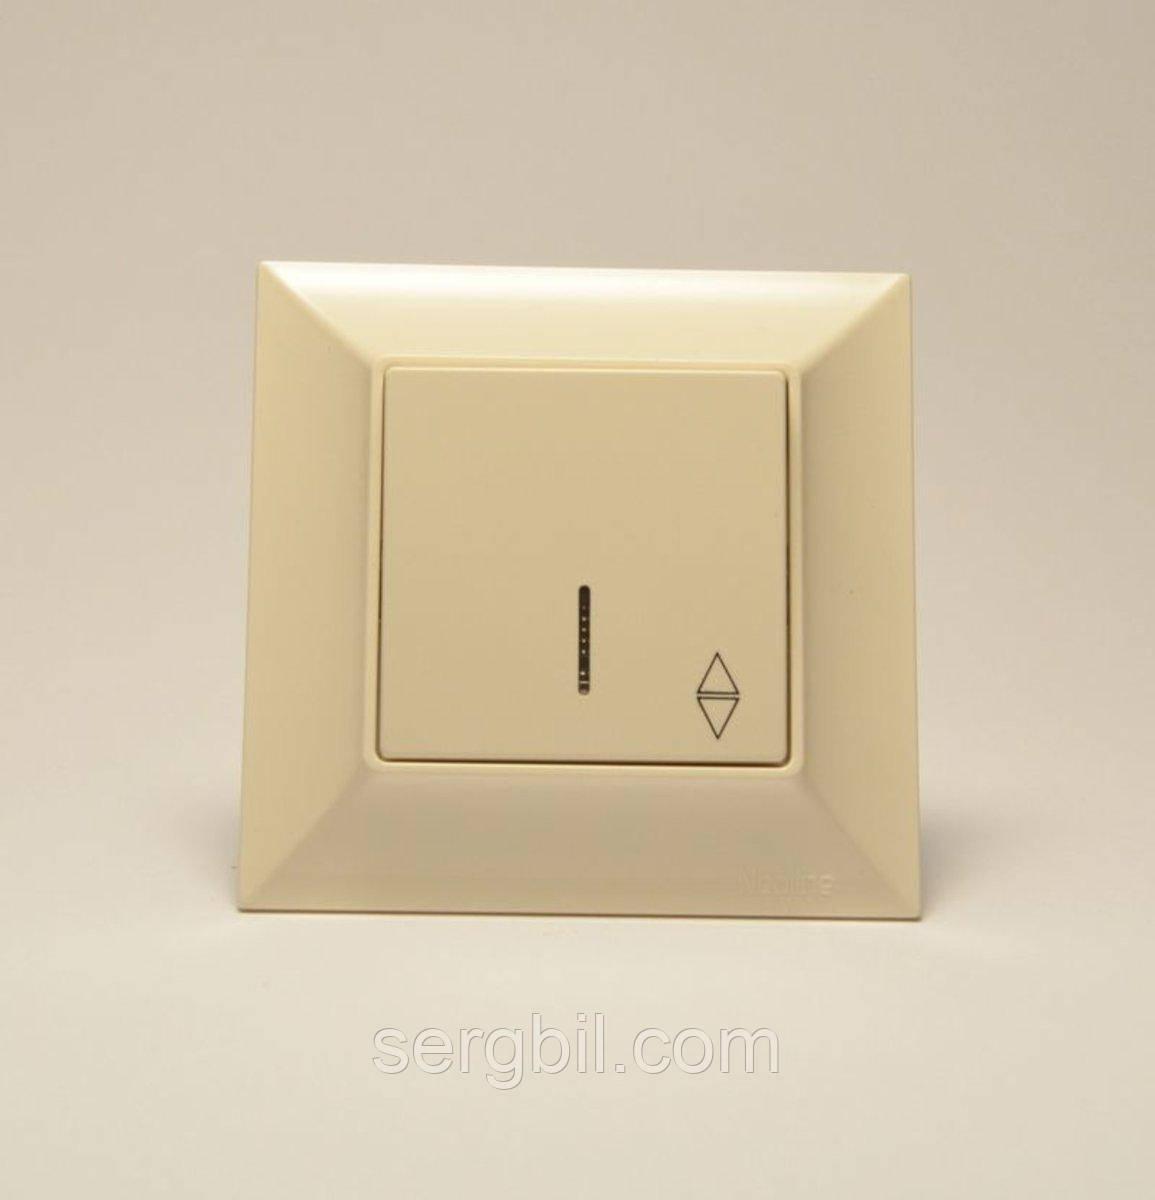 Переключатель одноклавишный  GUNSAN Neoline с подсветкой Кремовый